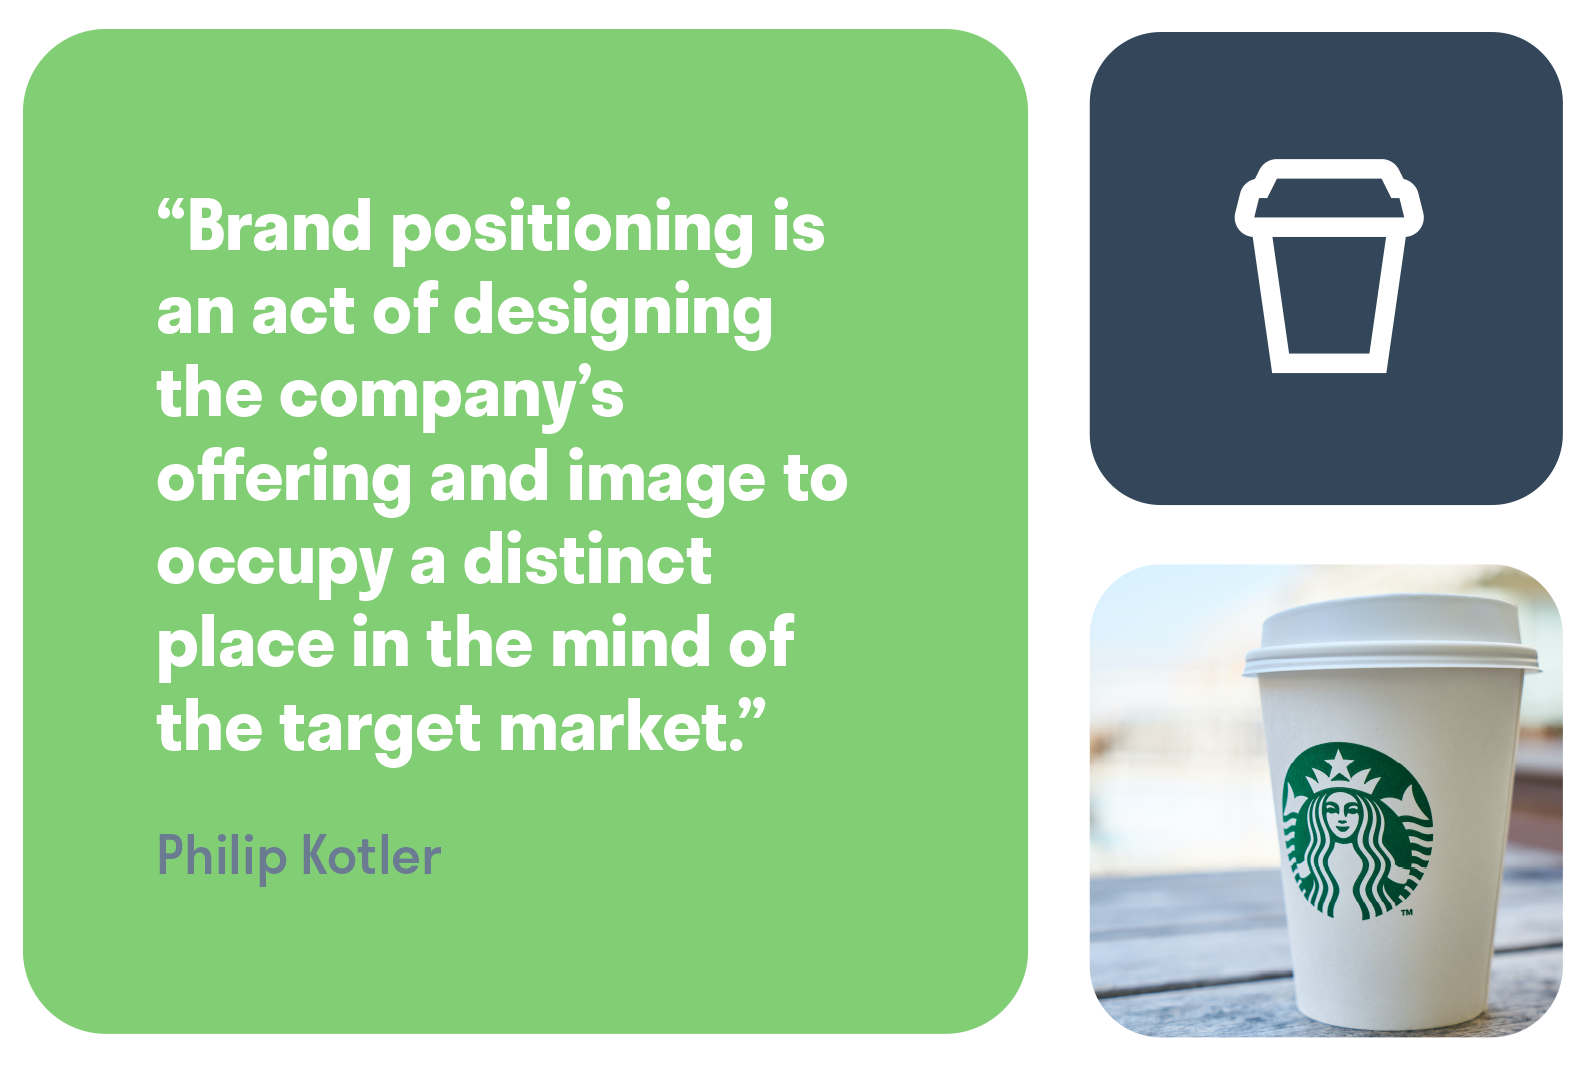 brand-positioning-philip-kotler